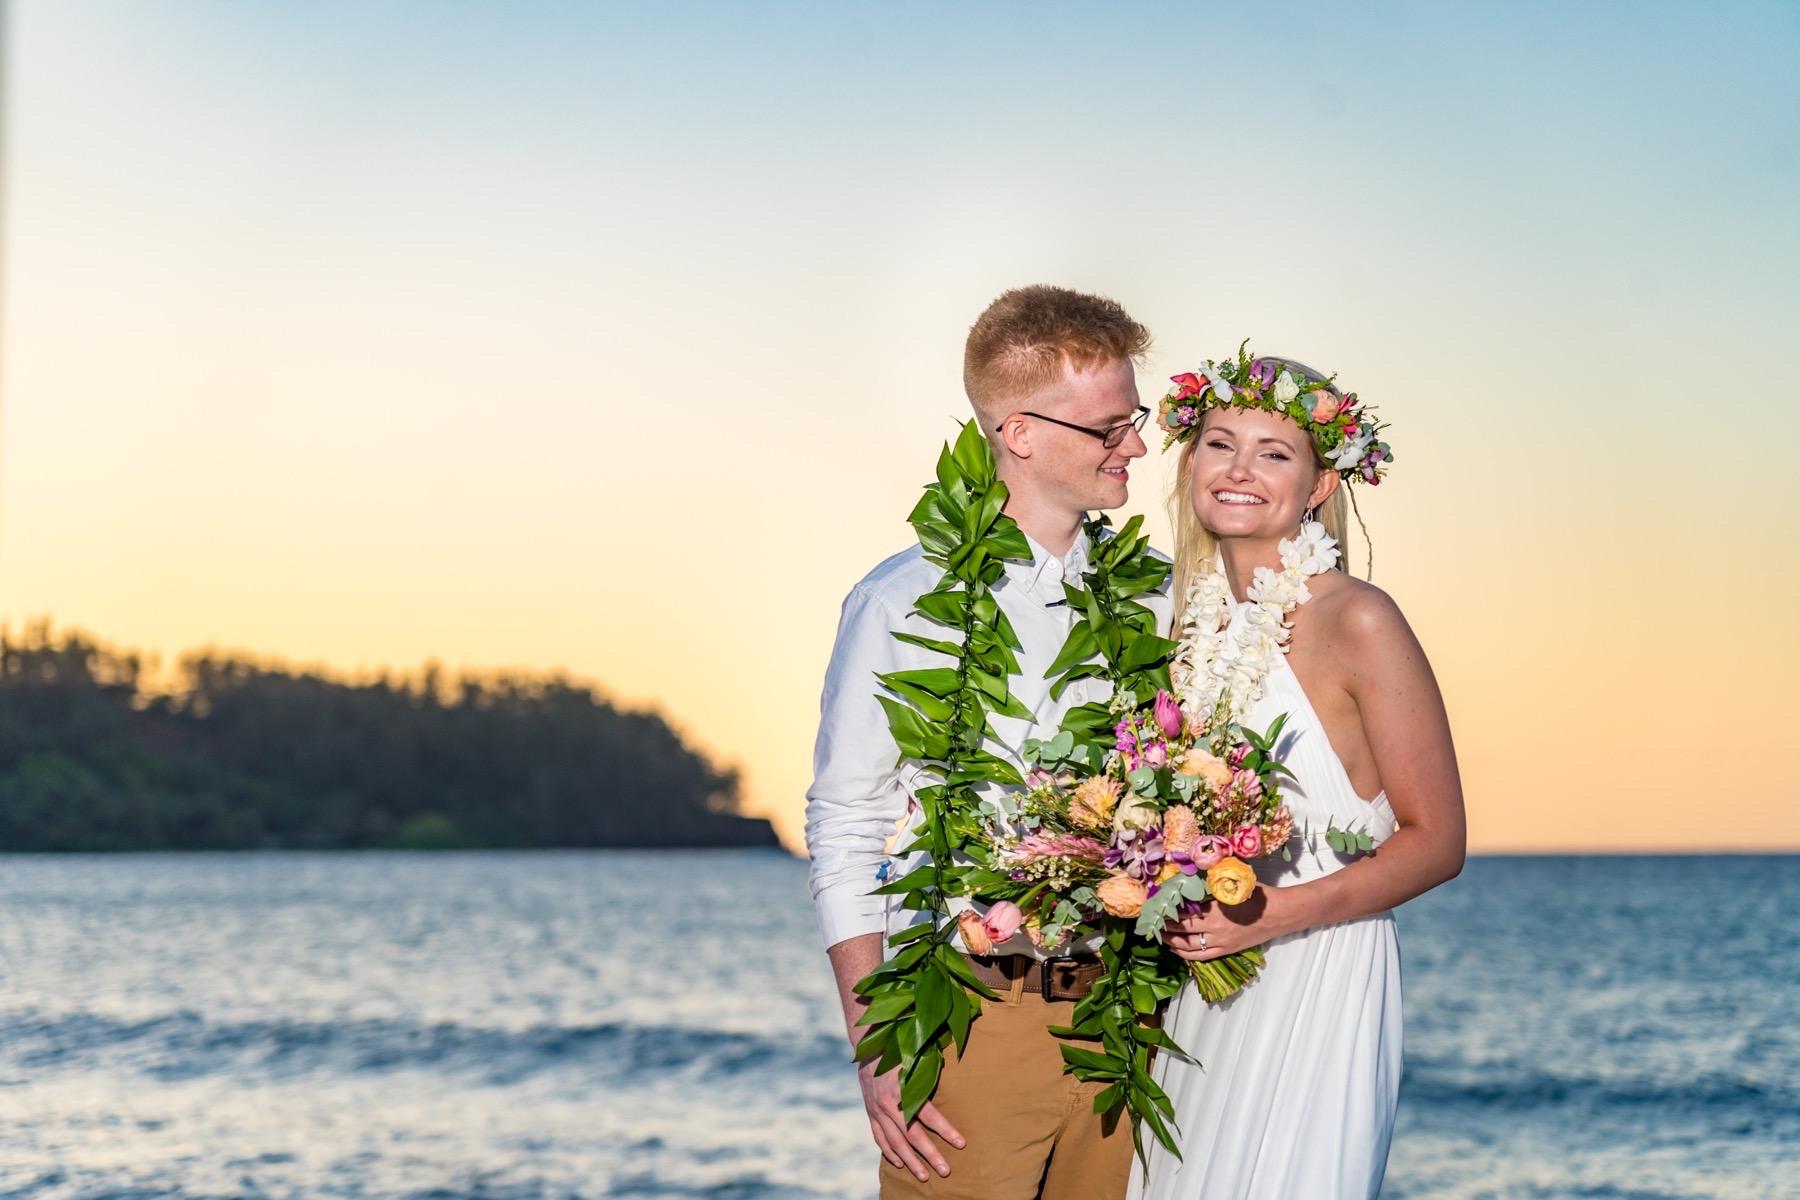 Ashley & Jonathan on the beach in Kauai.